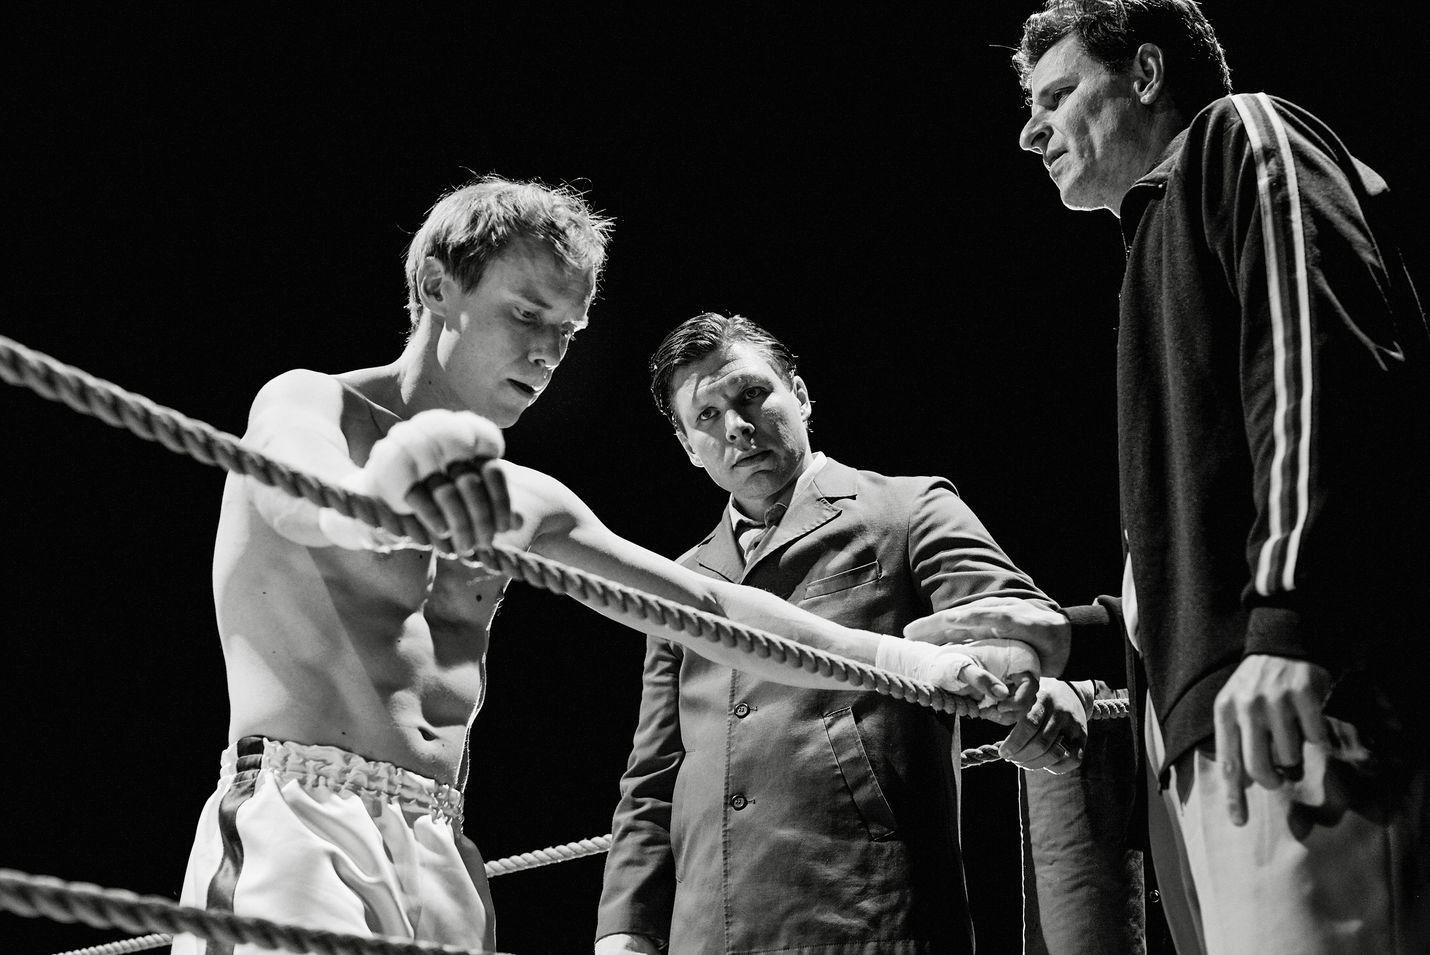 Olli Mäki (Jarkko Lahti) otteli ensimmäisenä suomalaisena nyrkkeilyn maailmanmestaruudesta, ja hävisi. Juho Kuosmasen Cannesissa palkittu elokuva perustuu tositapahtumiin. Mäen valmentajaa näyttelee Eero Milonoff.